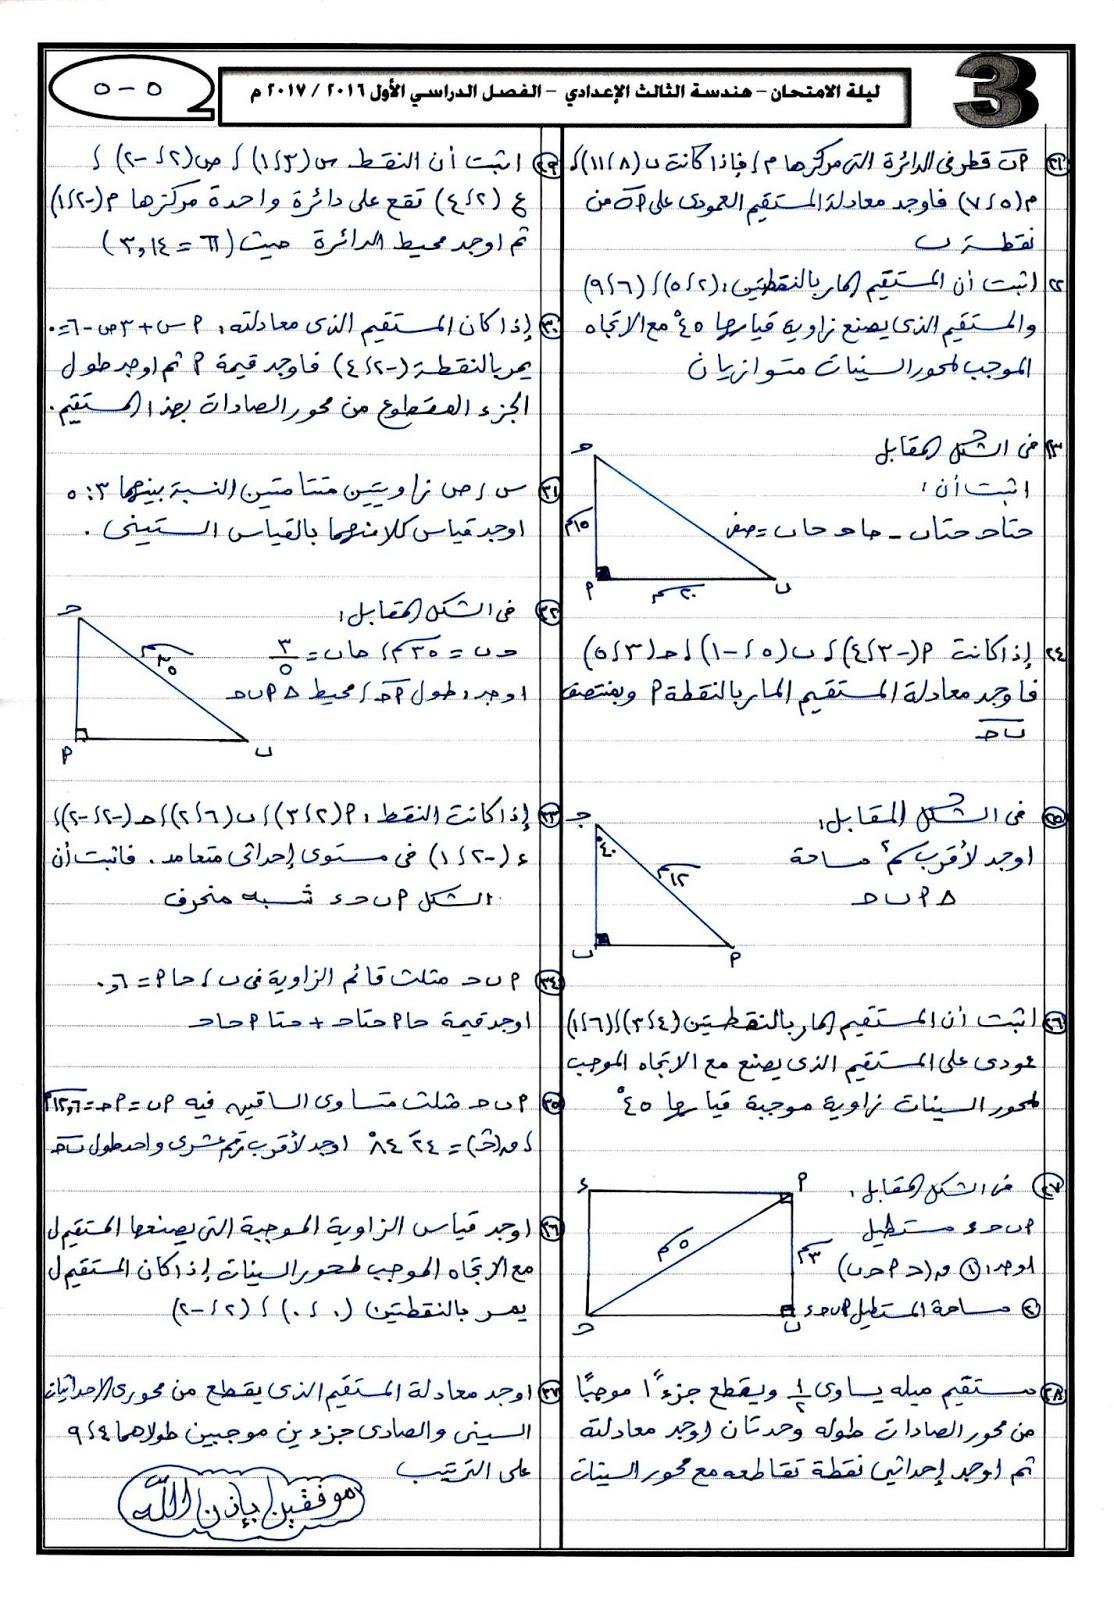 مراجعة ليلة امتحان الهندسة للصف الثالث الاعدادى الفصل الدراسى الاول 2016 /2017 من اعداد الاستاذ عبدالفتاح جمعة 5